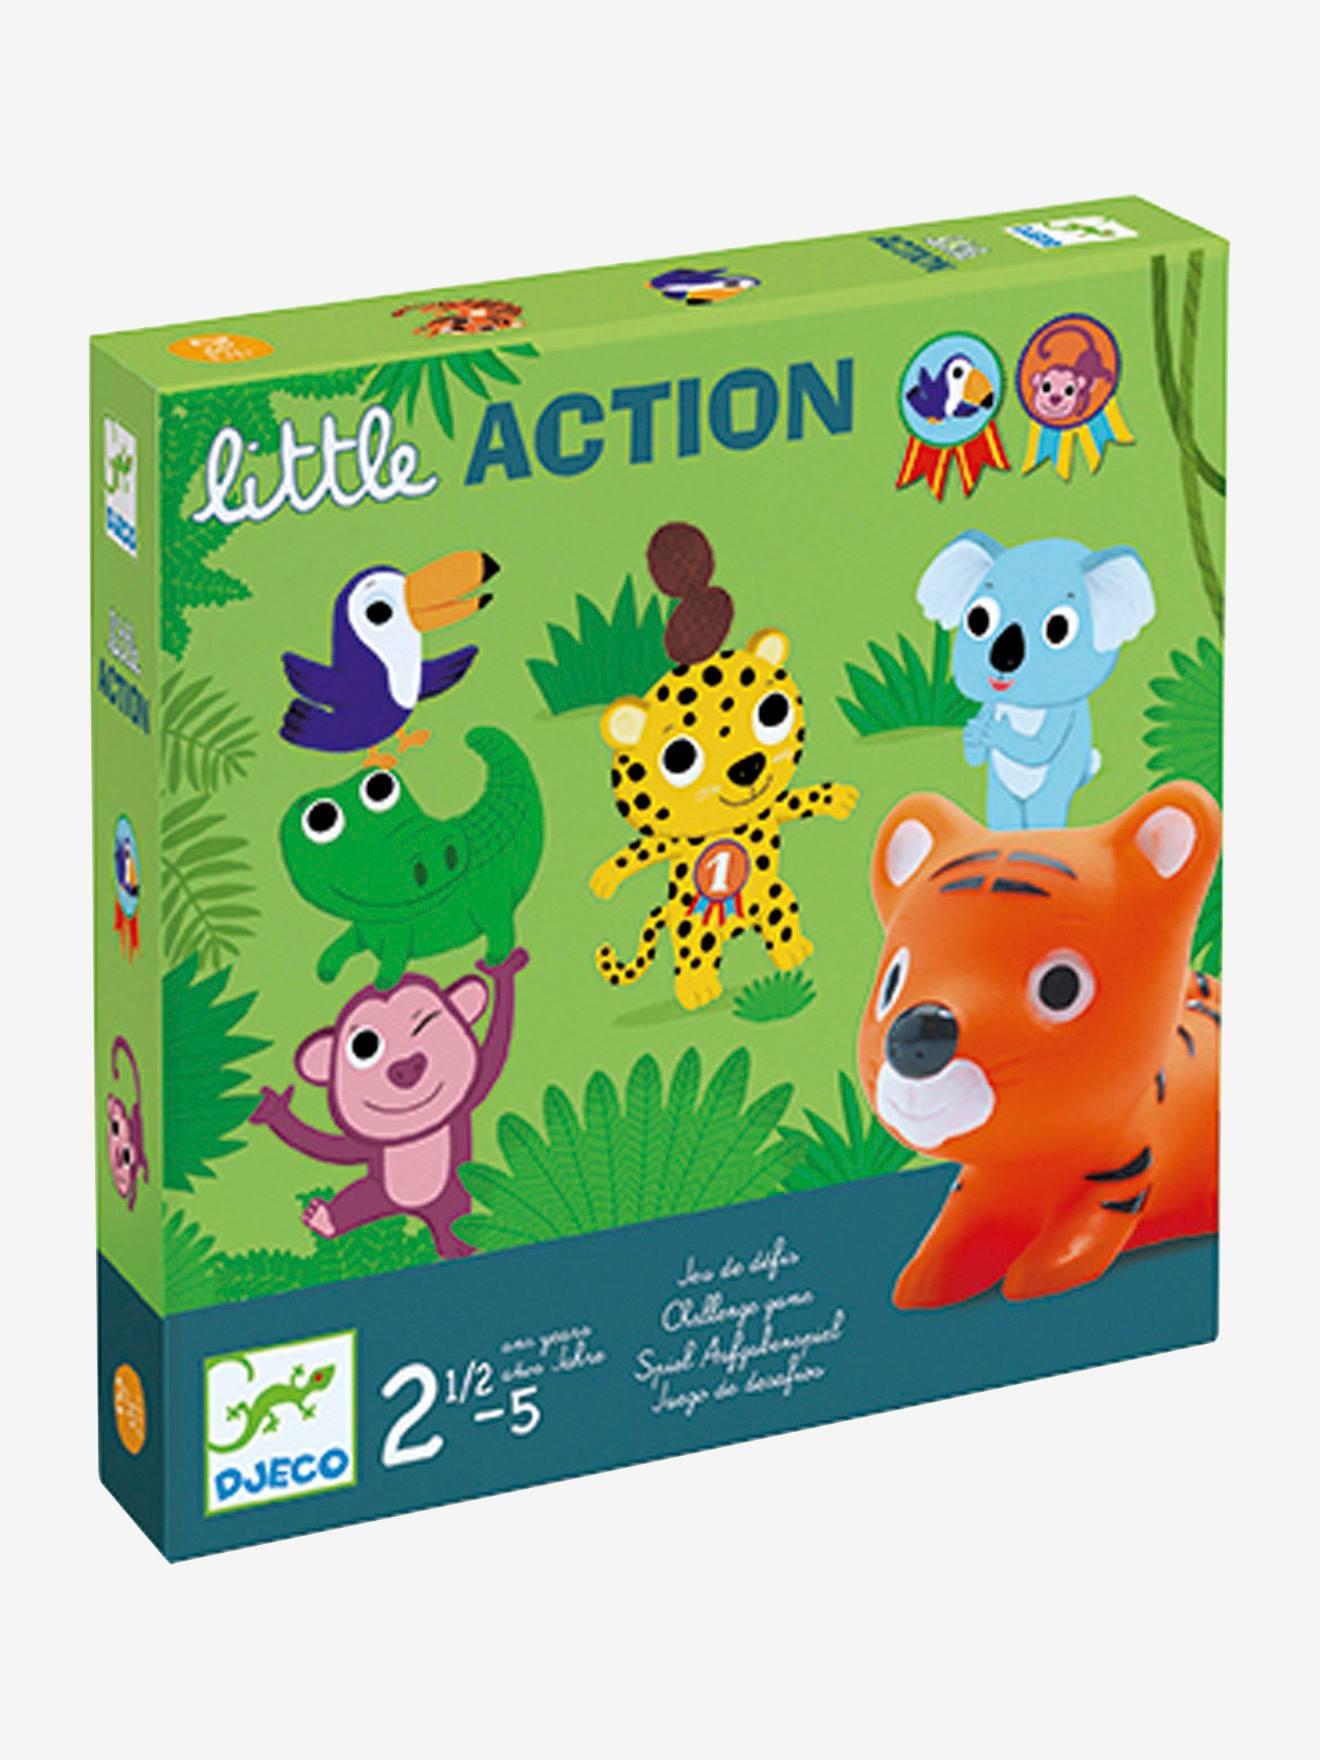 Little Action, da DJECO verde medio liso com motivo